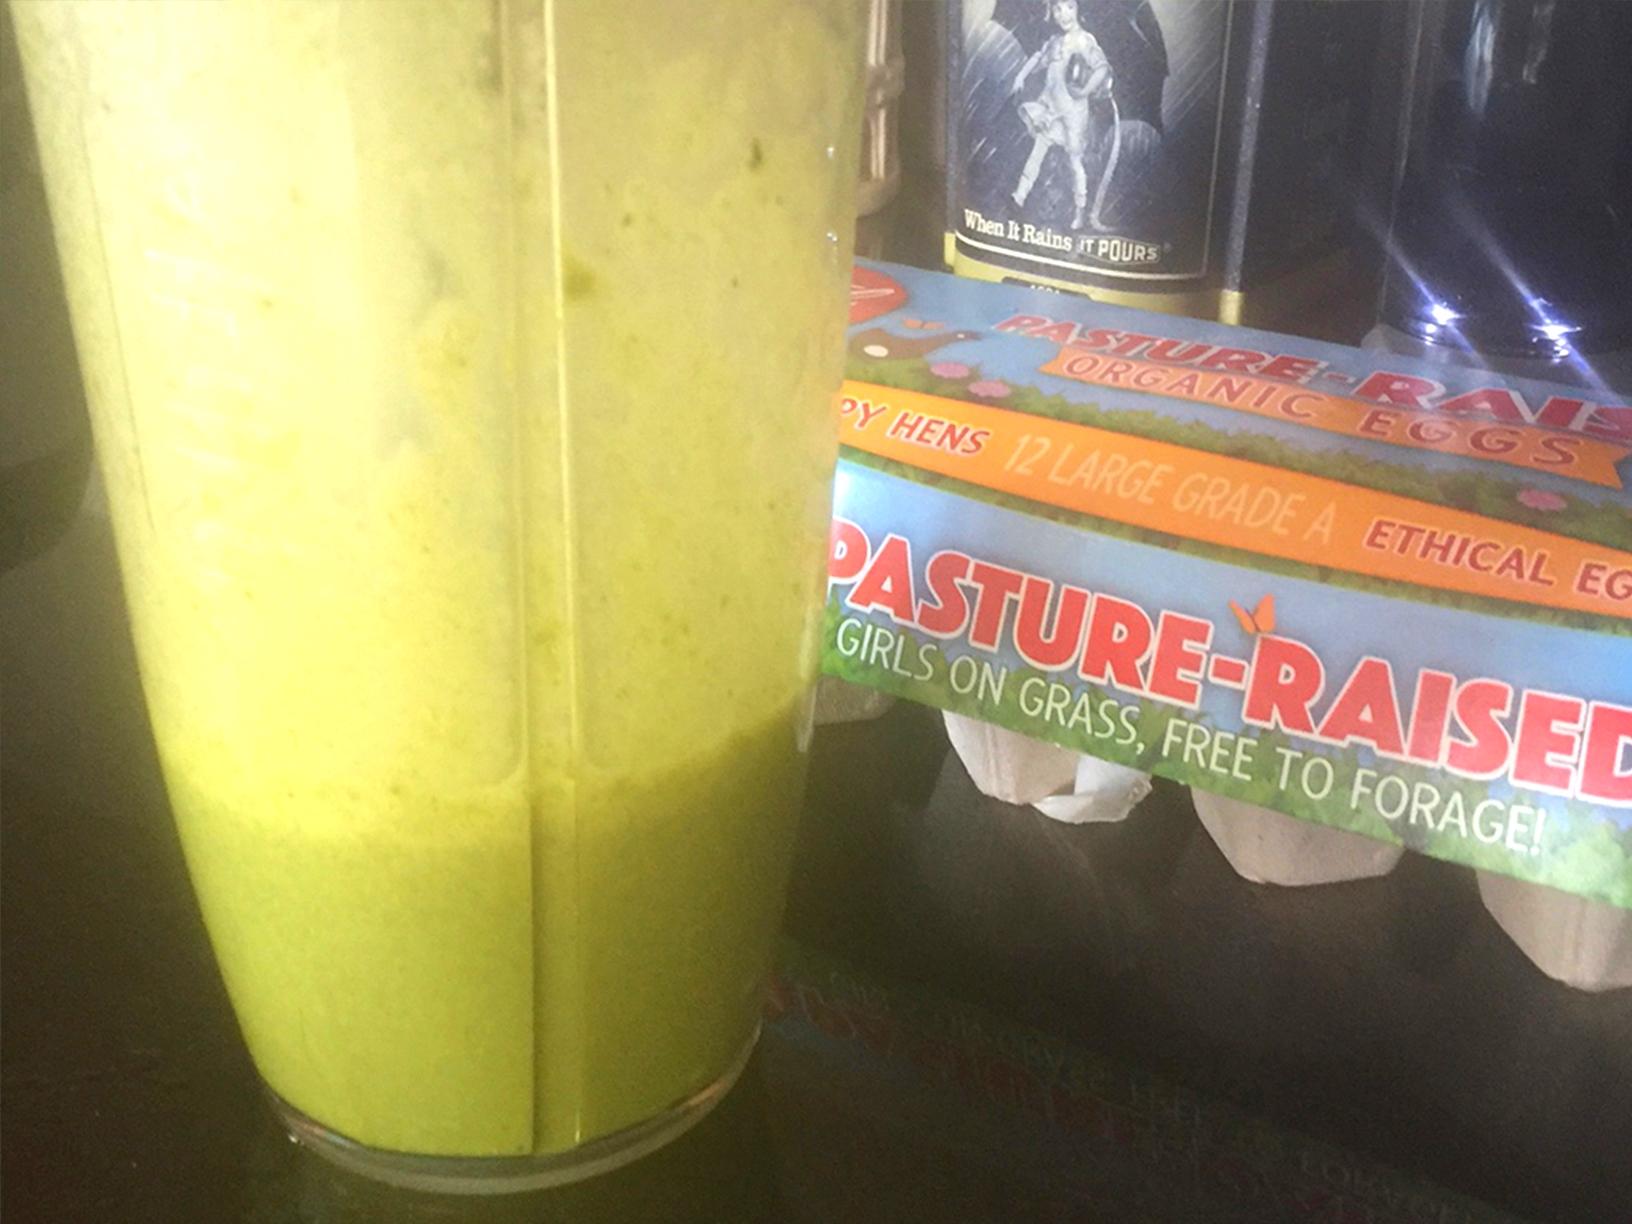 eating-understood-green-eggs-in-blender.jpg